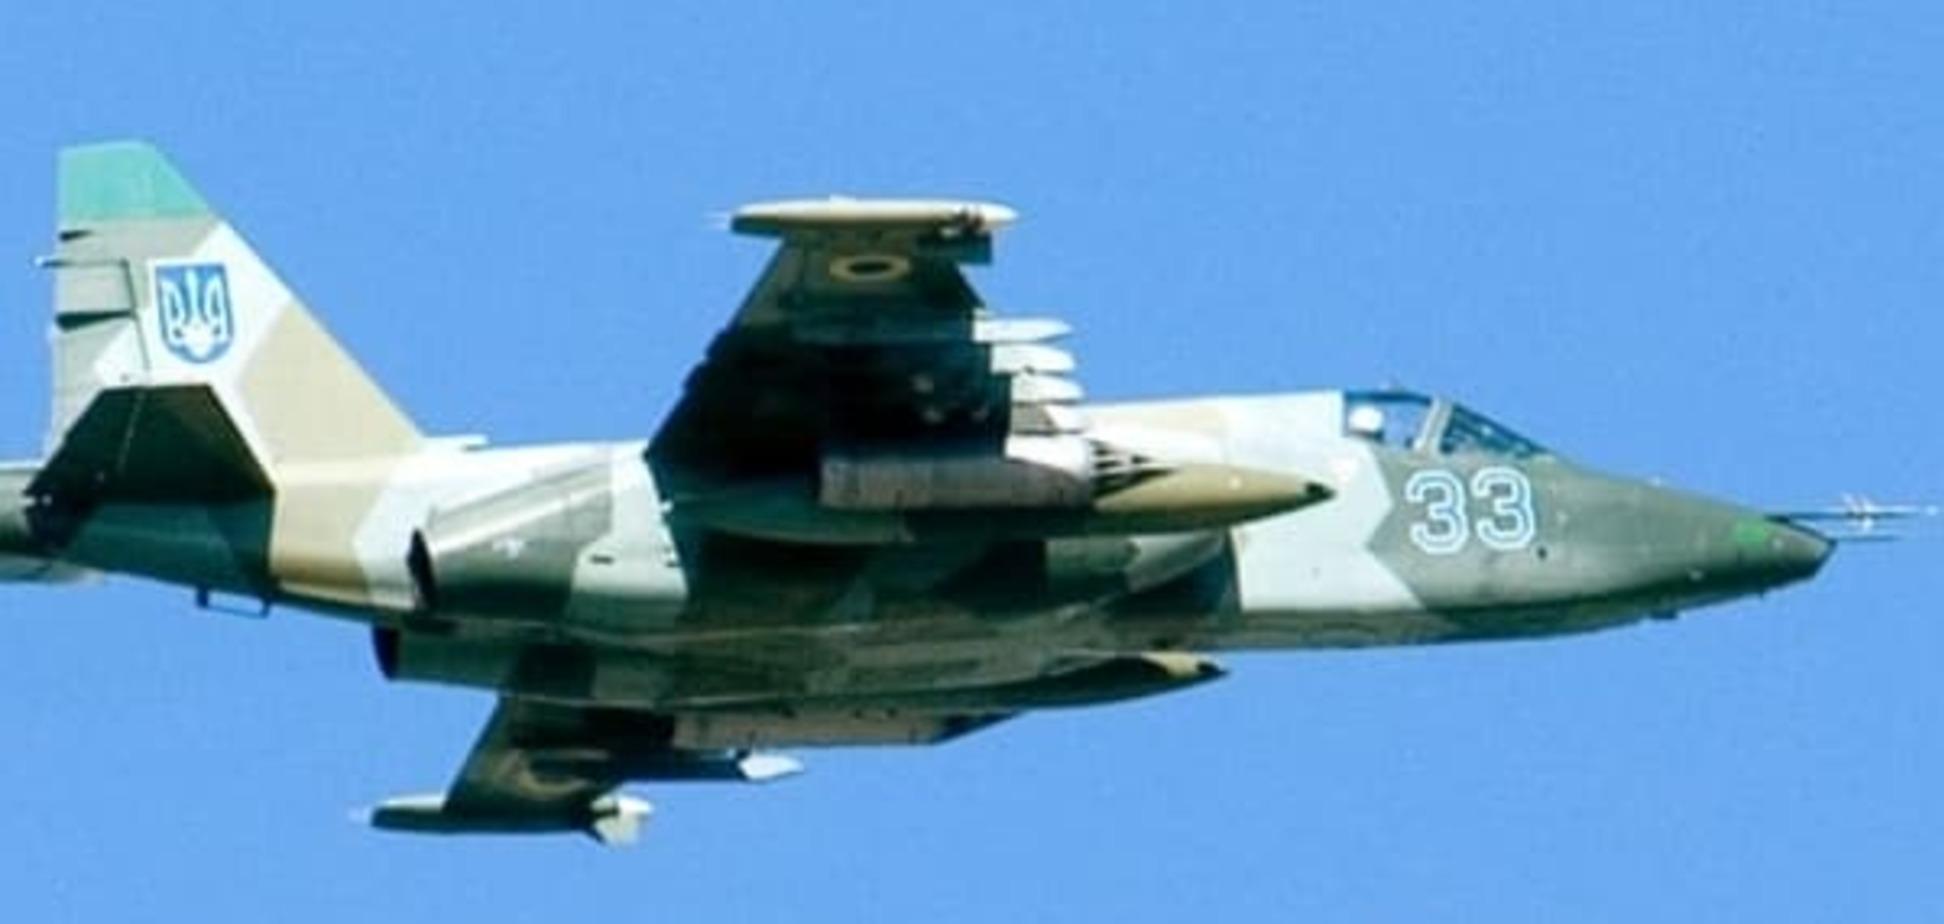 ЗМІ: у Су-25, який зазнав краху, почалися проблеми до зіткнення з ЛЕП